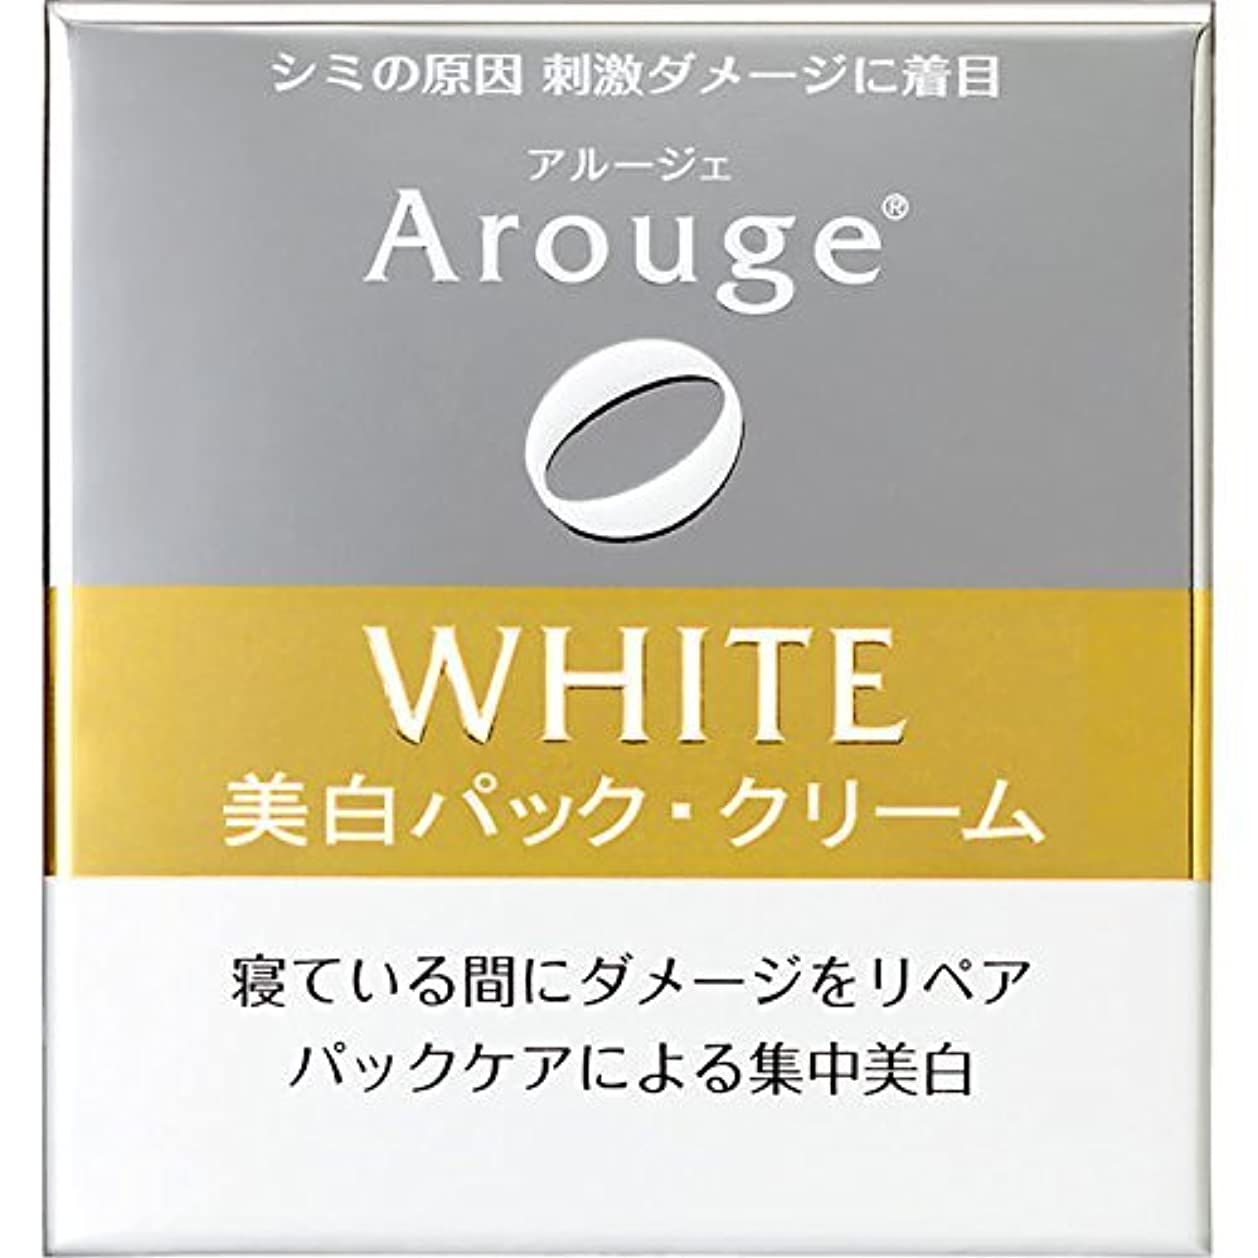 フェードアウト矛盾ベルアルージェ ホワイトニングリペアクリーム 30g